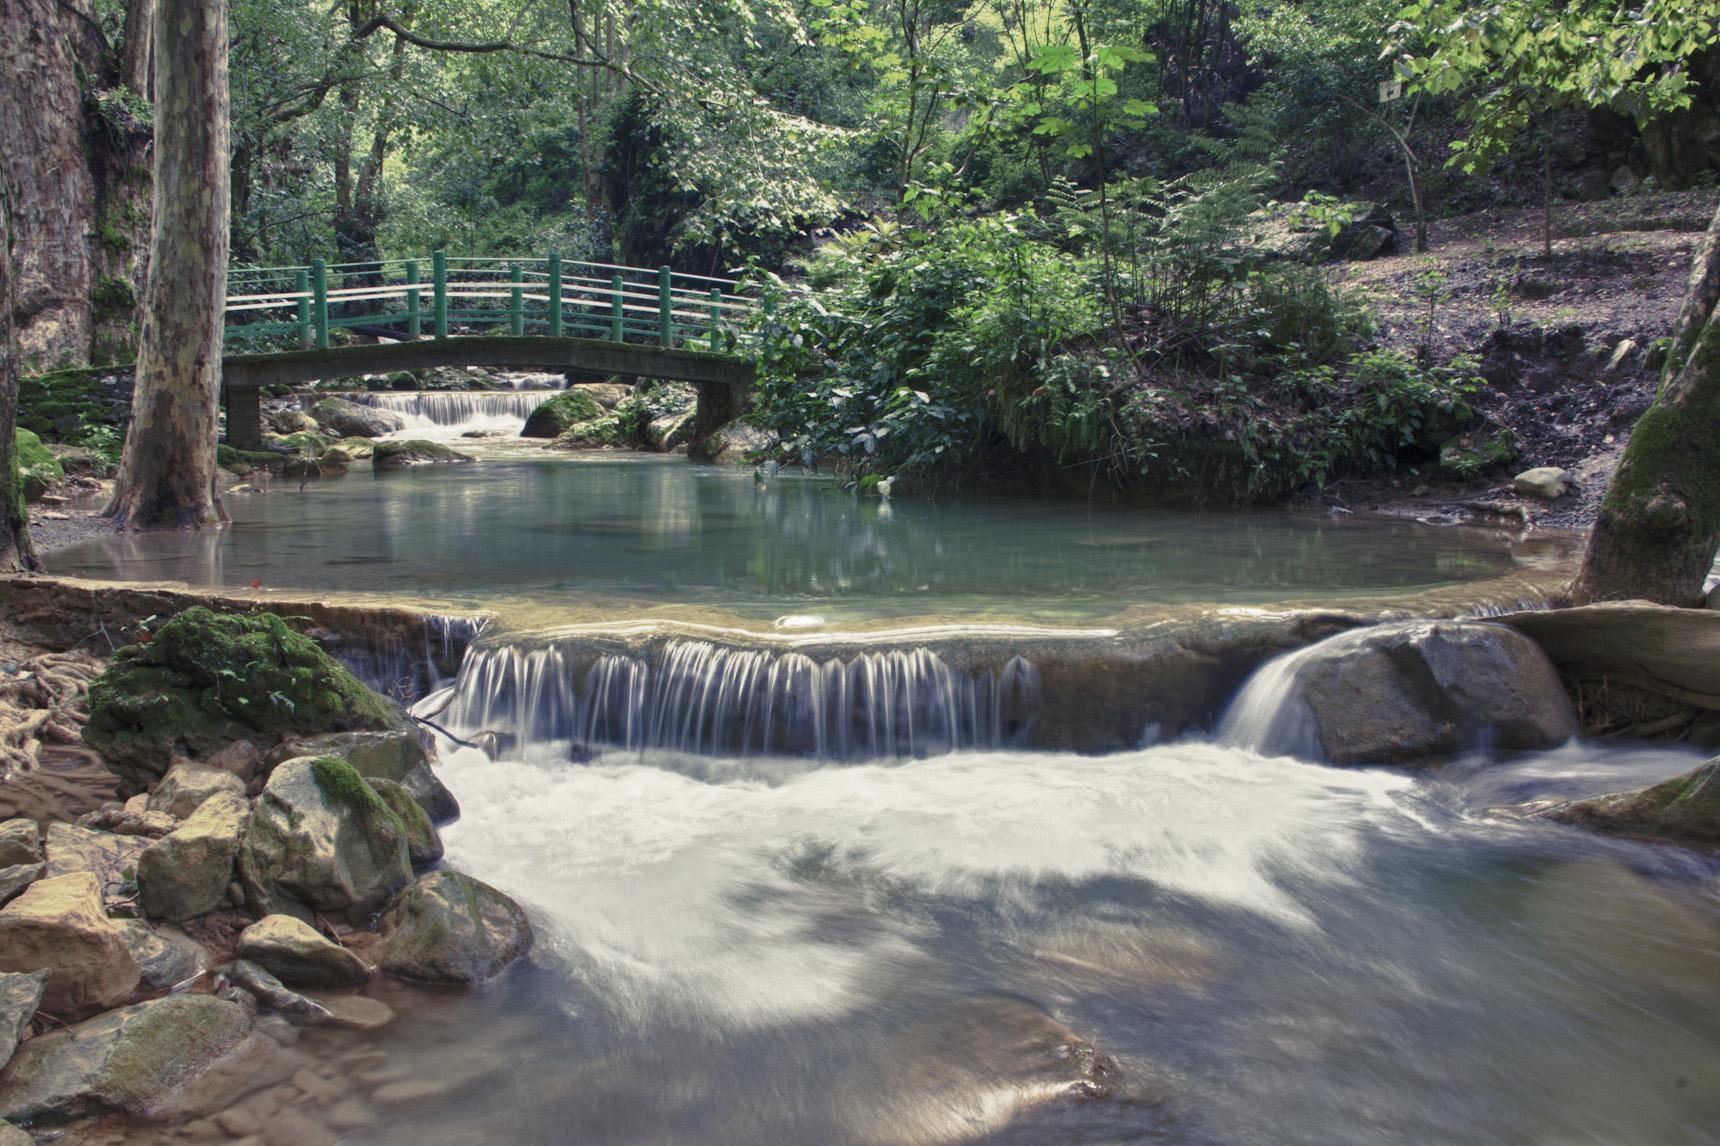 vista de la cascada El Chujeve de Jalpan de Serra